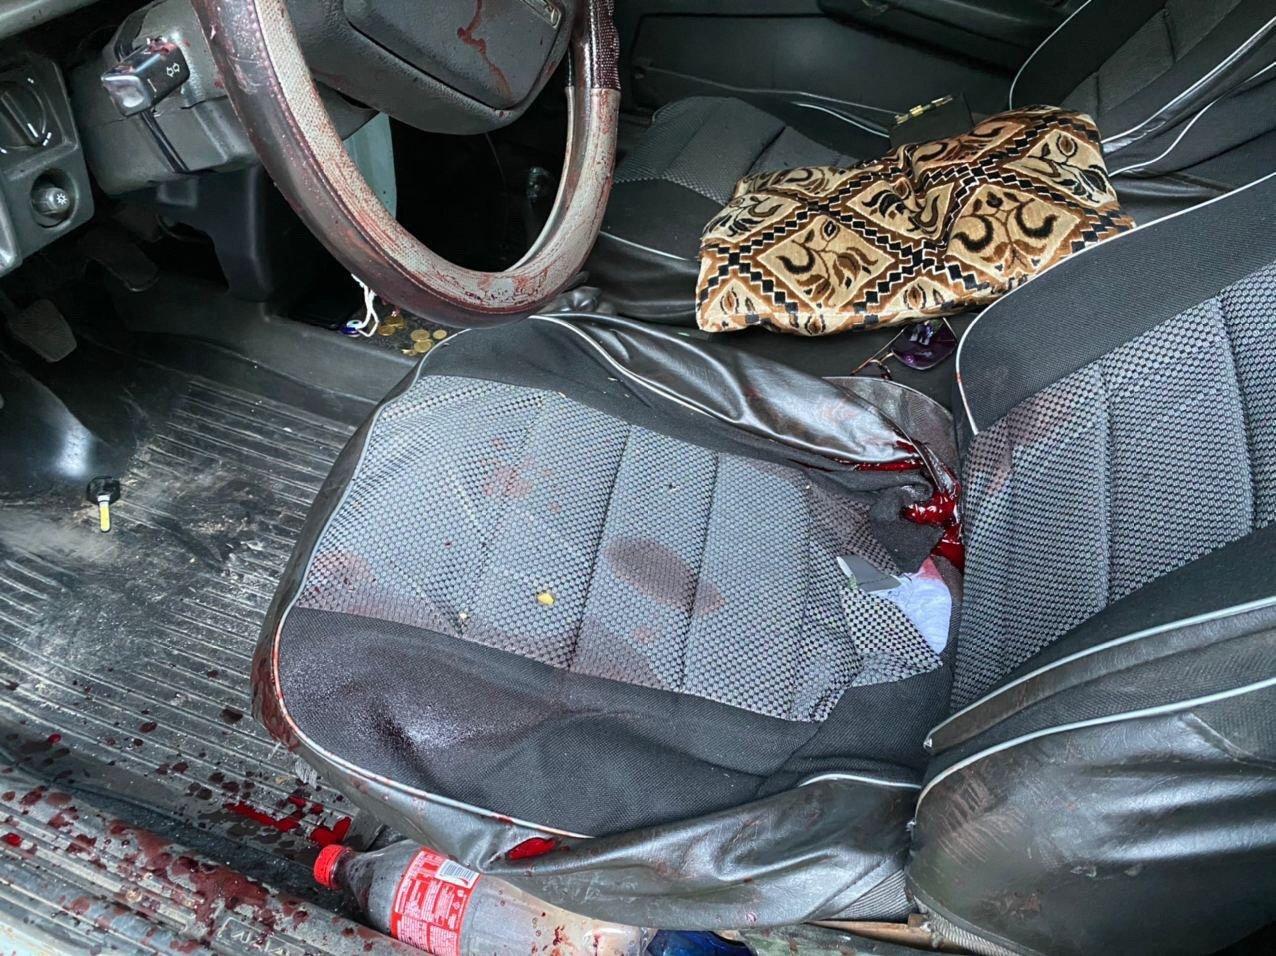 Мужчина с ножевым ранением сам приехал в больницу Харькова (фото)